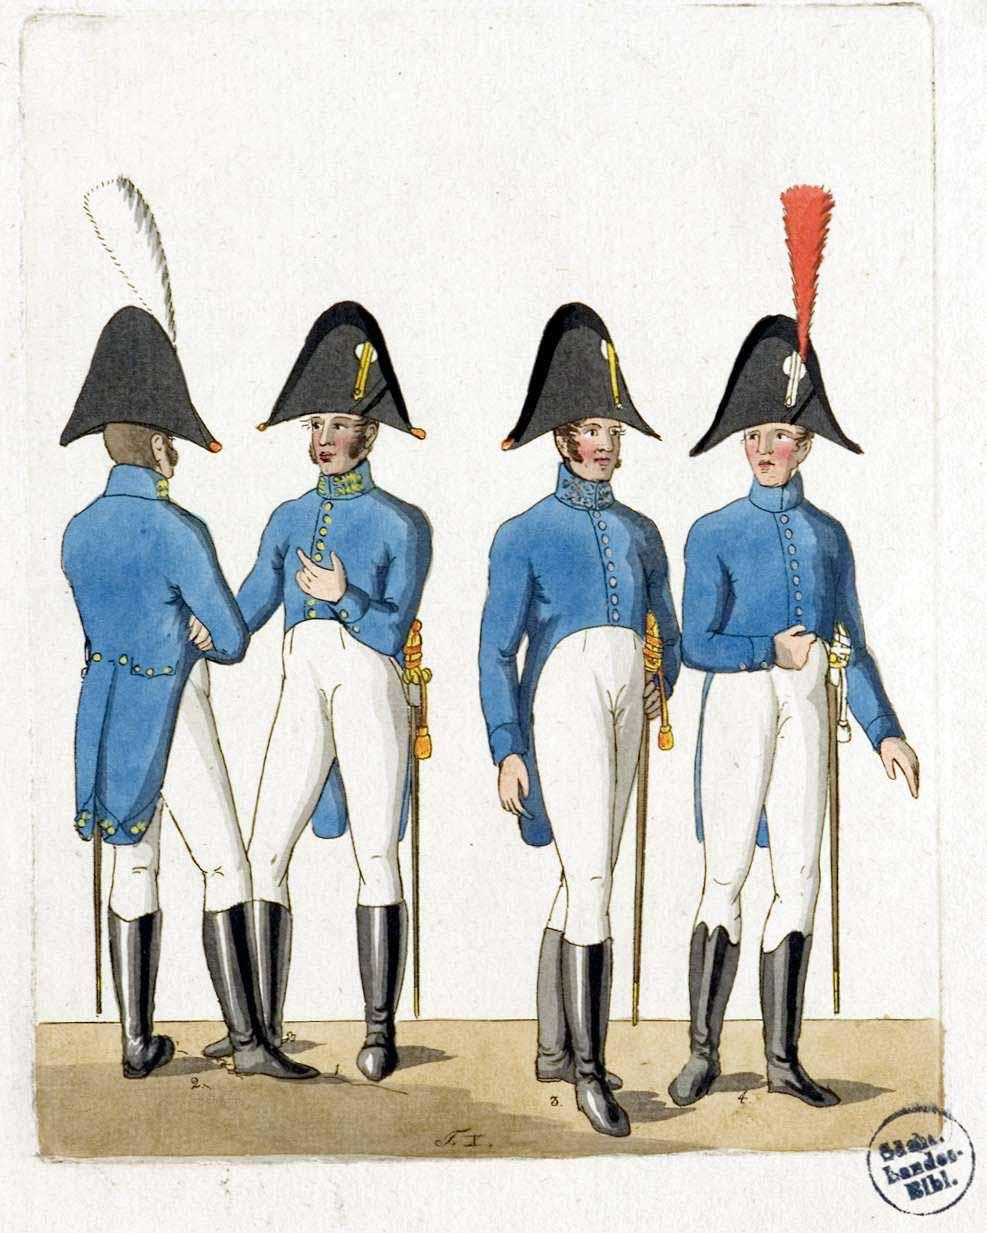 Divat morzsák: Napóleon és a kabátok gombjai - divat-tortenetek, ujdonsagok -